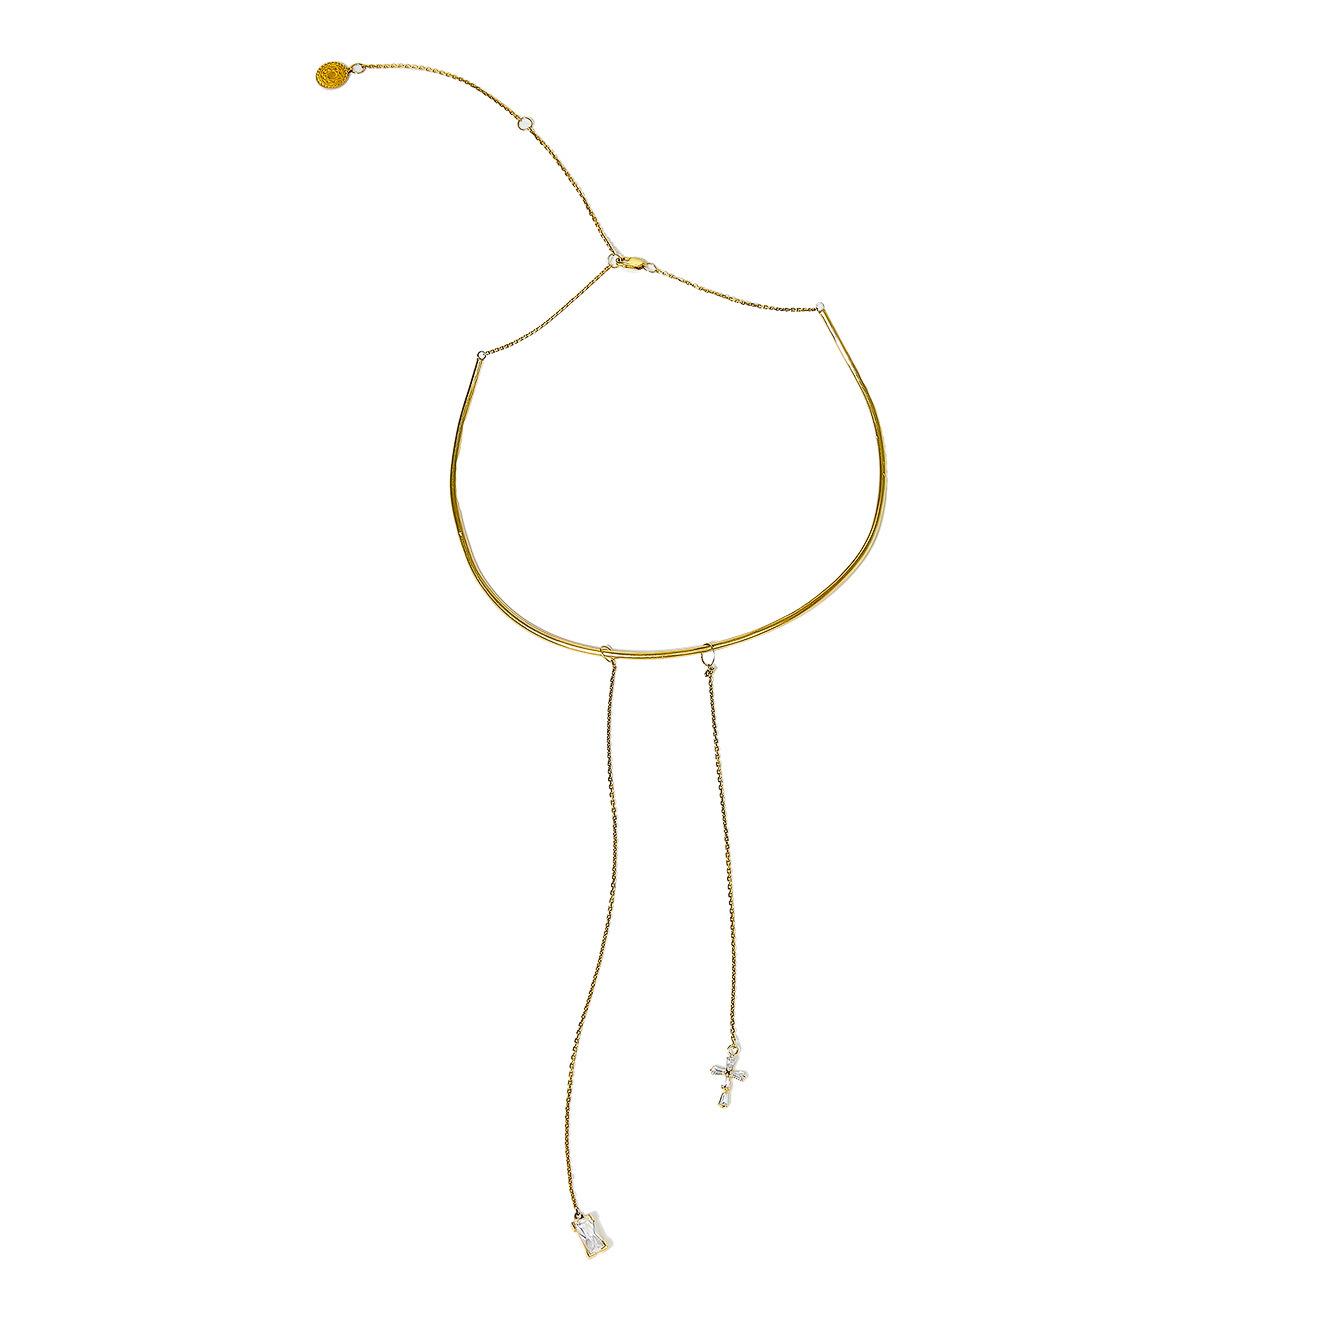 Dzhanelli Jewellery Позолоченный чокер со съемными подвесками